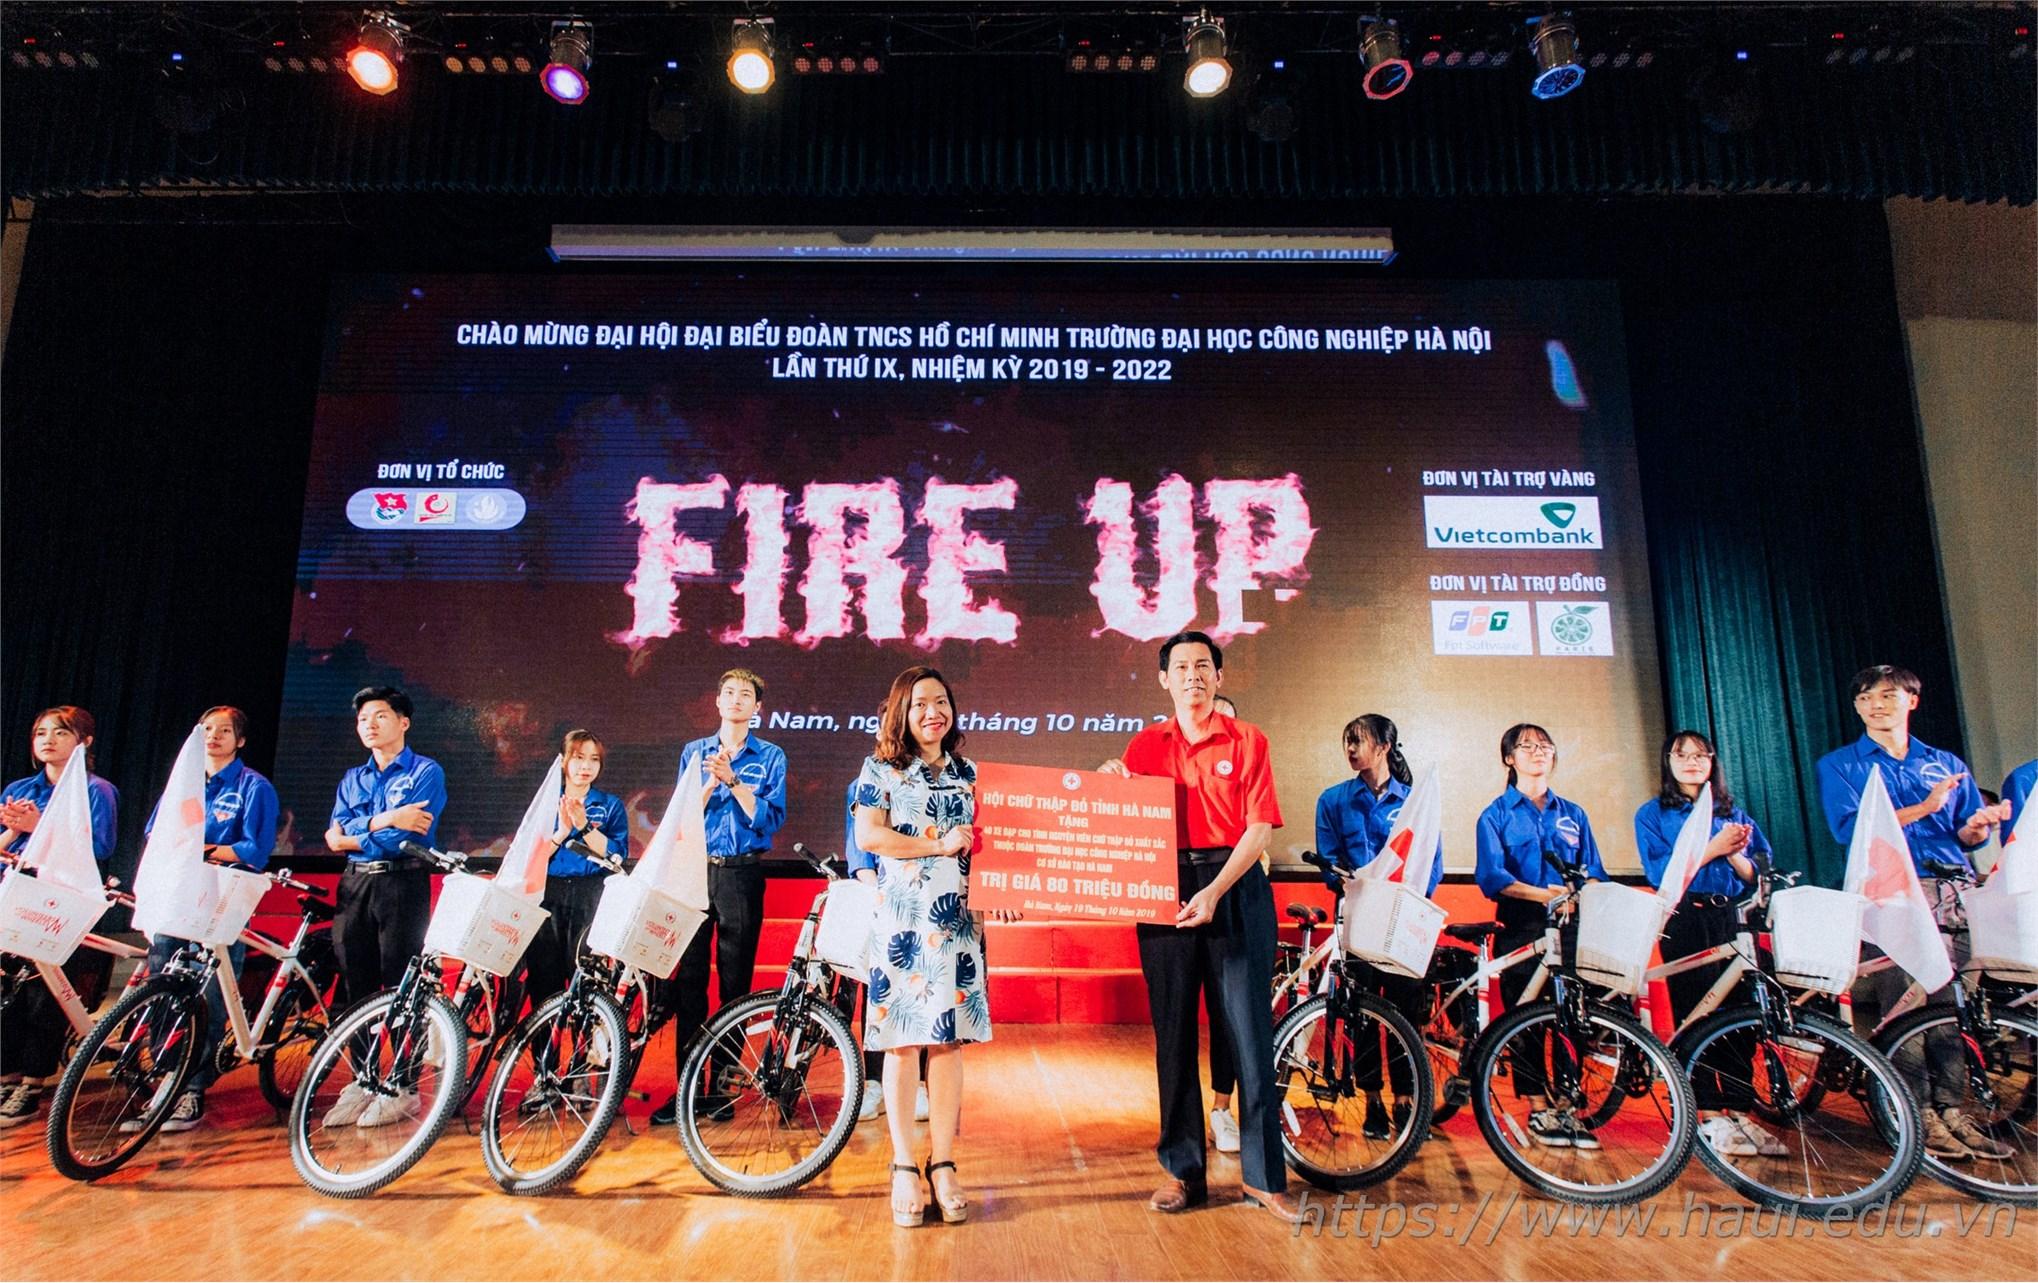 Sôi nổi các hoạt động của Đoàn Thanh niên trường Đại học Công nghiệp Hà Nội